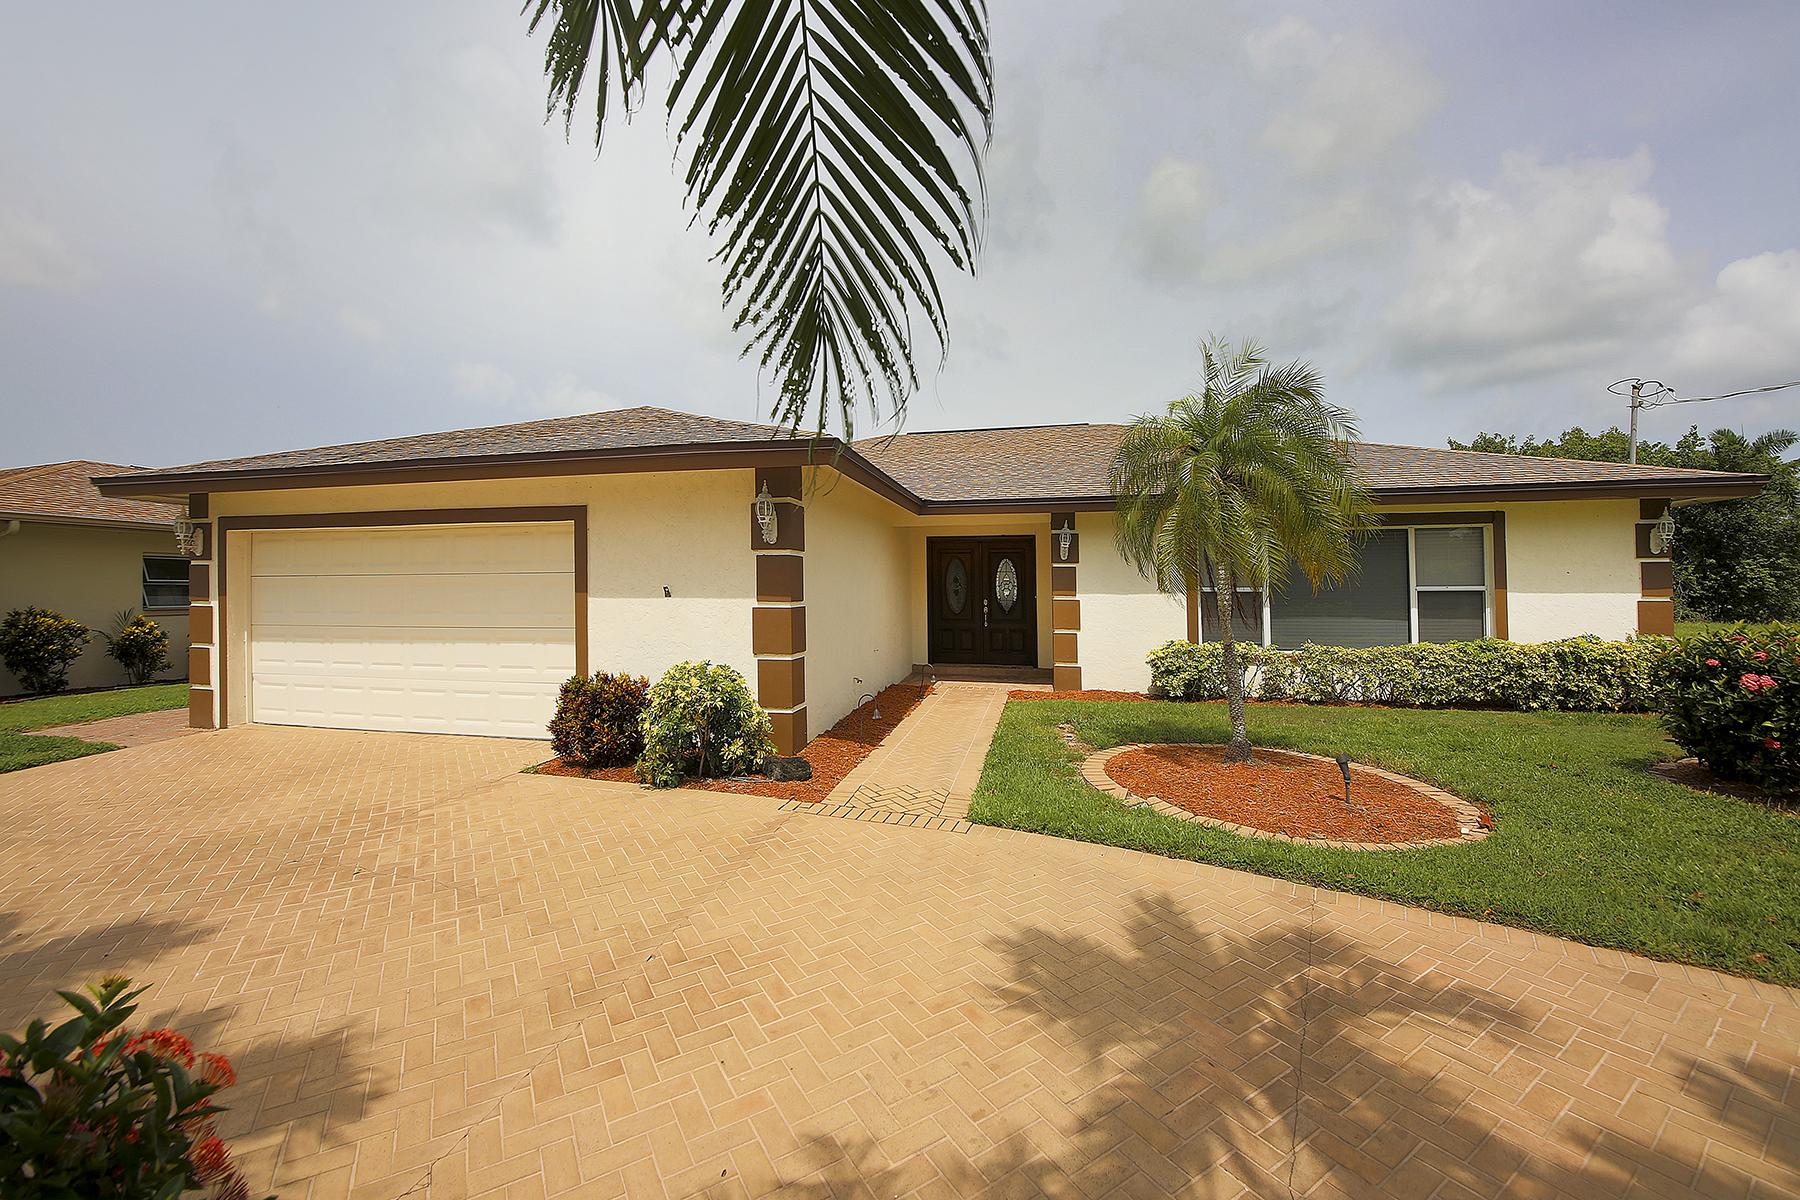 Maison unifamiliale pour l Vente à ISLES OF CAPRI - GRENADA AVE 404 Grenada Ave Naples, Florida 34113 États-Unis